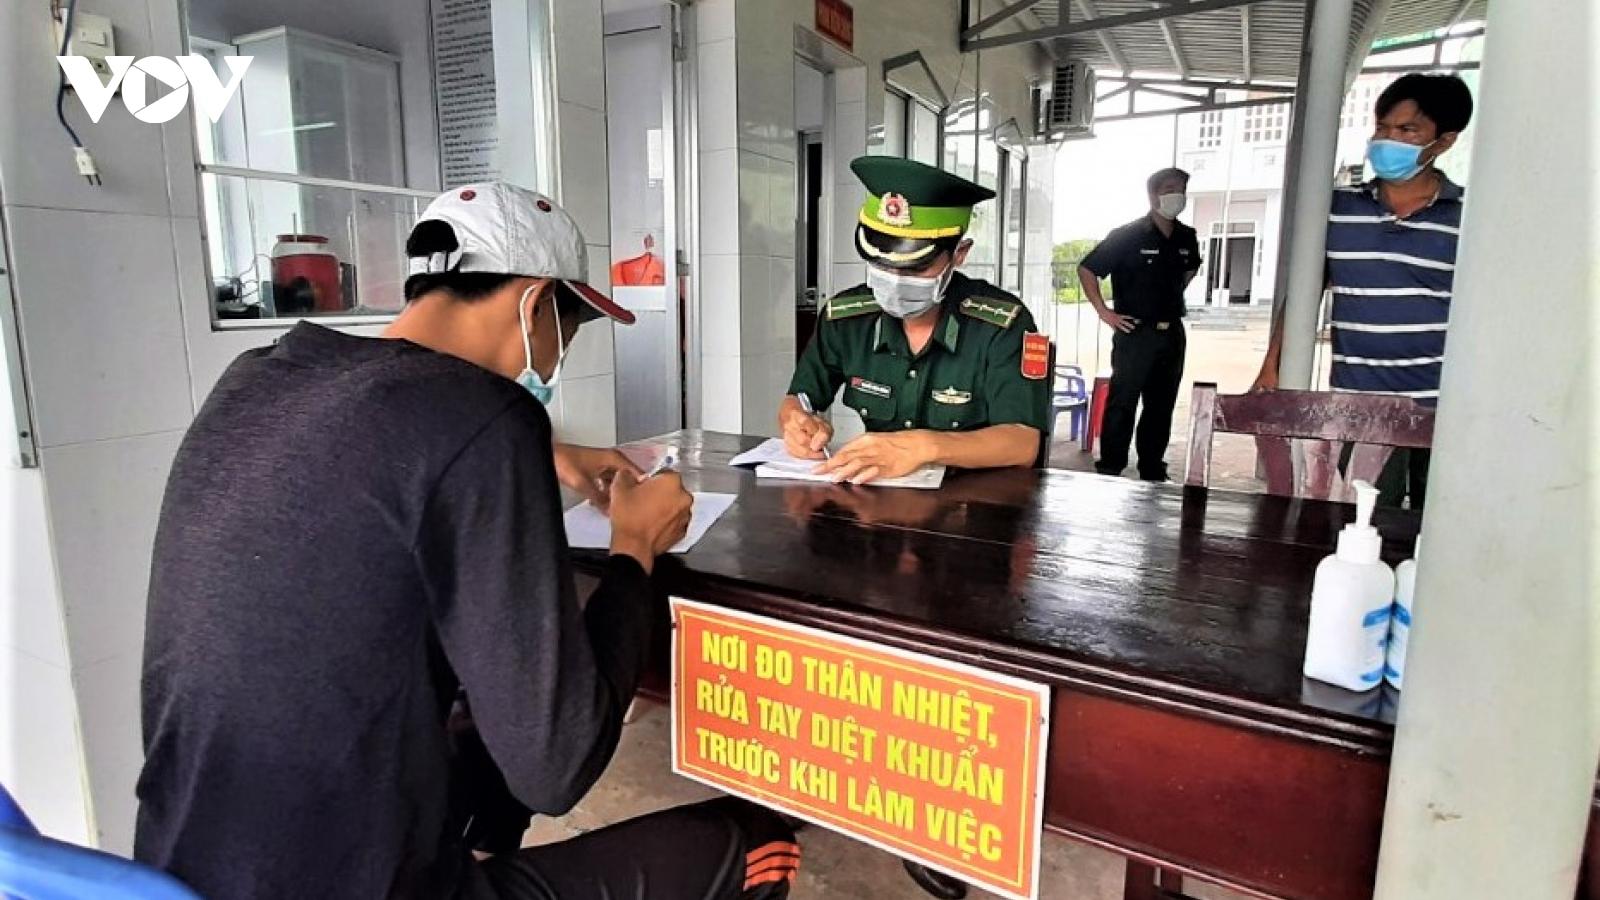 Nhập cảnh trái phép từ Malaysia vào Cà Mau bằng tàu cá